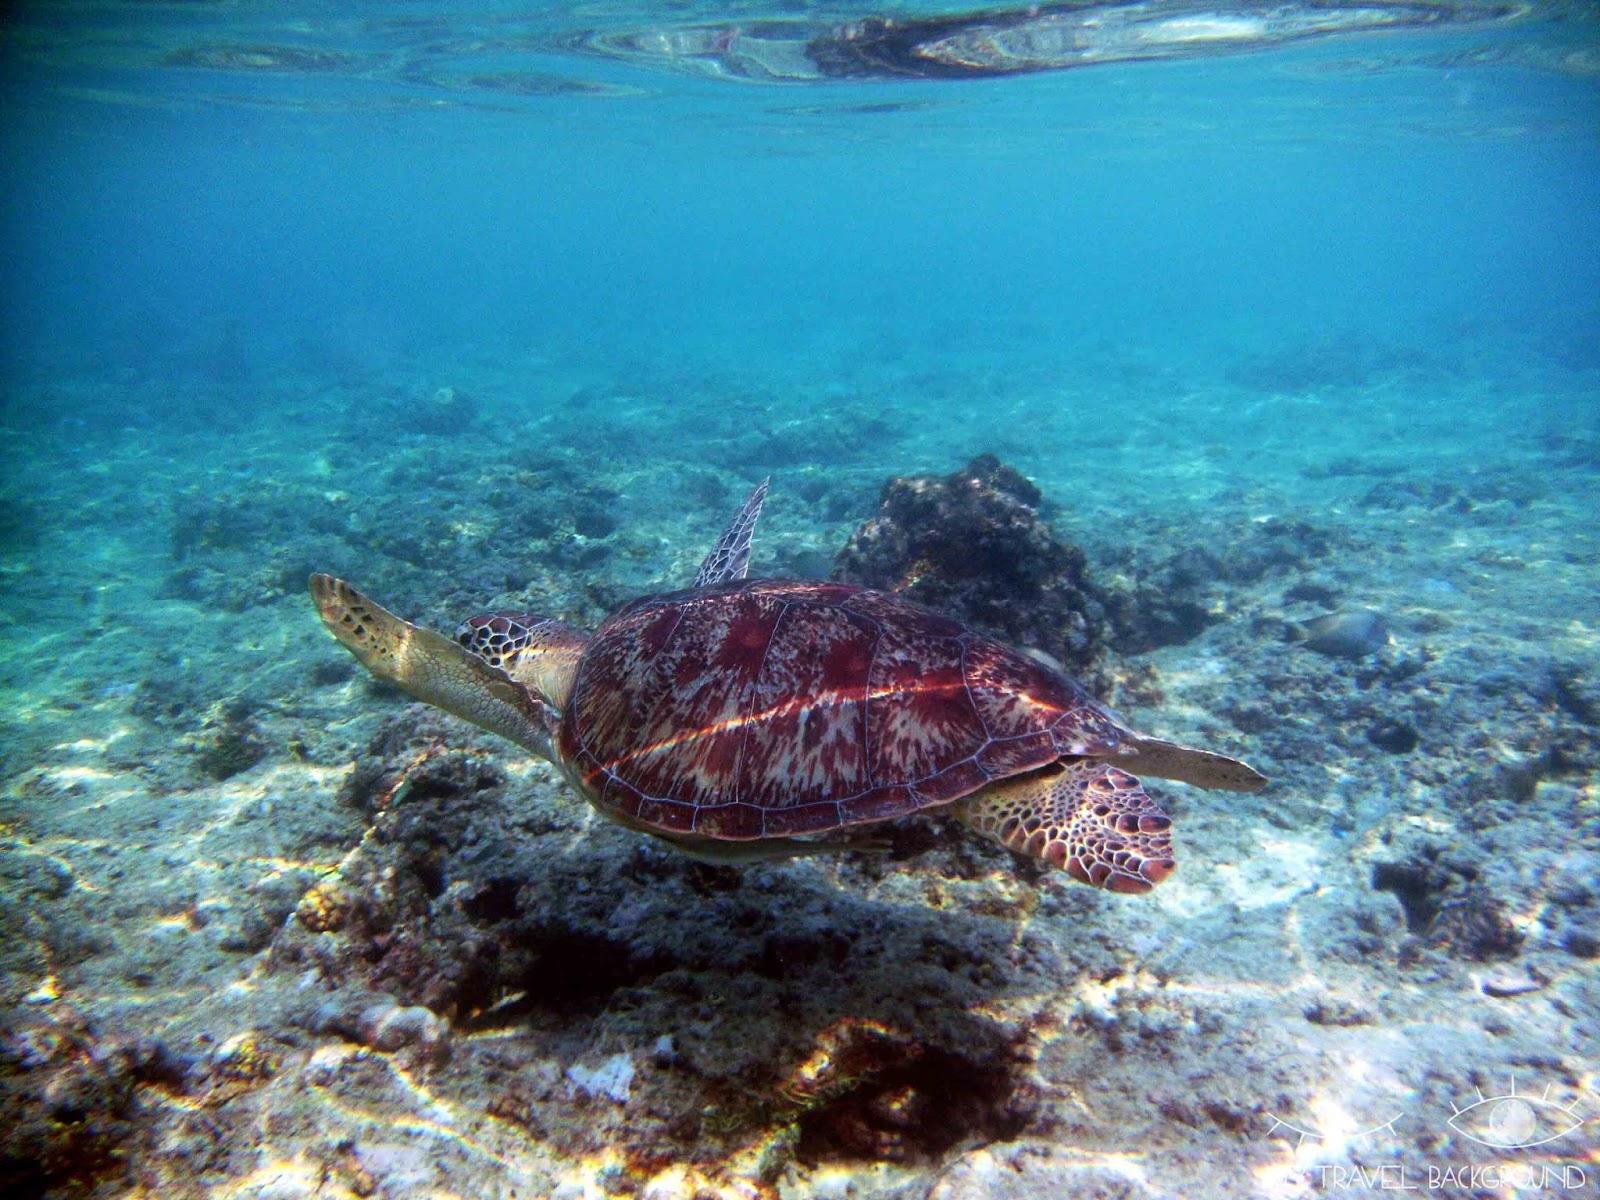 My Travel Background : 2 jours sur l'île de Gili Trawangan - Plongée avec les tortues